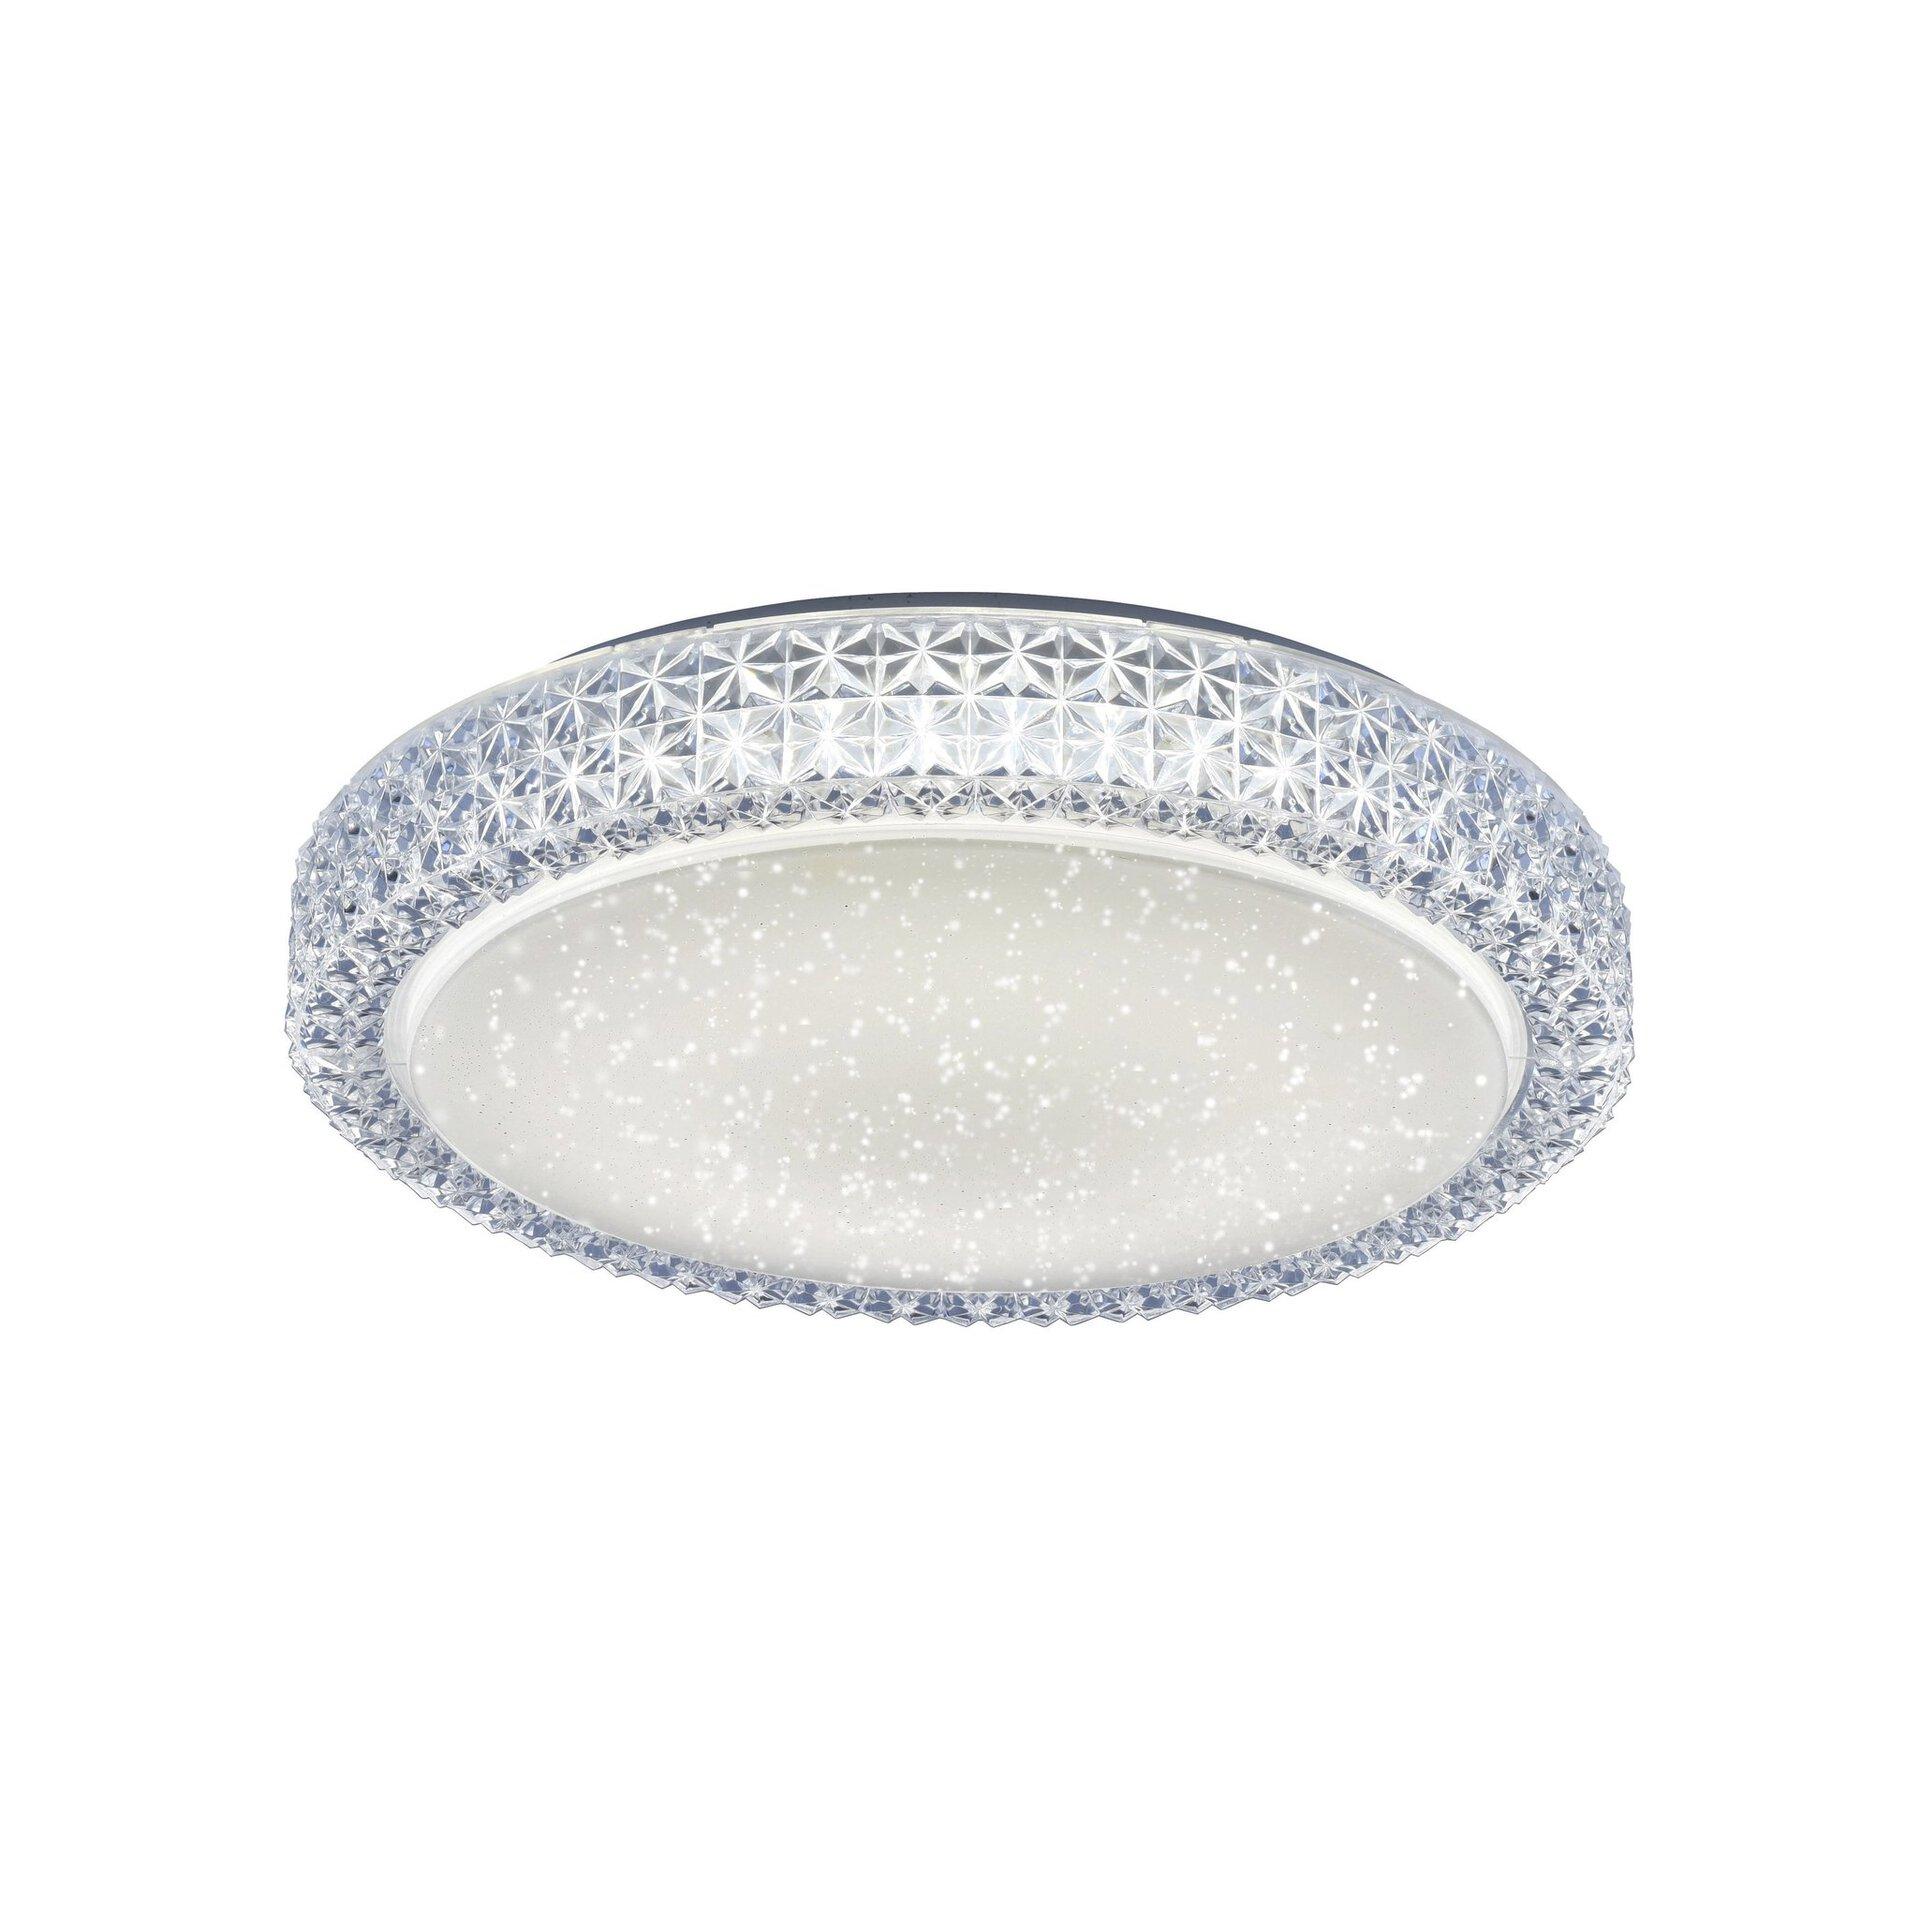 Deckenleuchte FRIDA Leuchtendirekt Kunststoff 40 x 10 x 40 cm